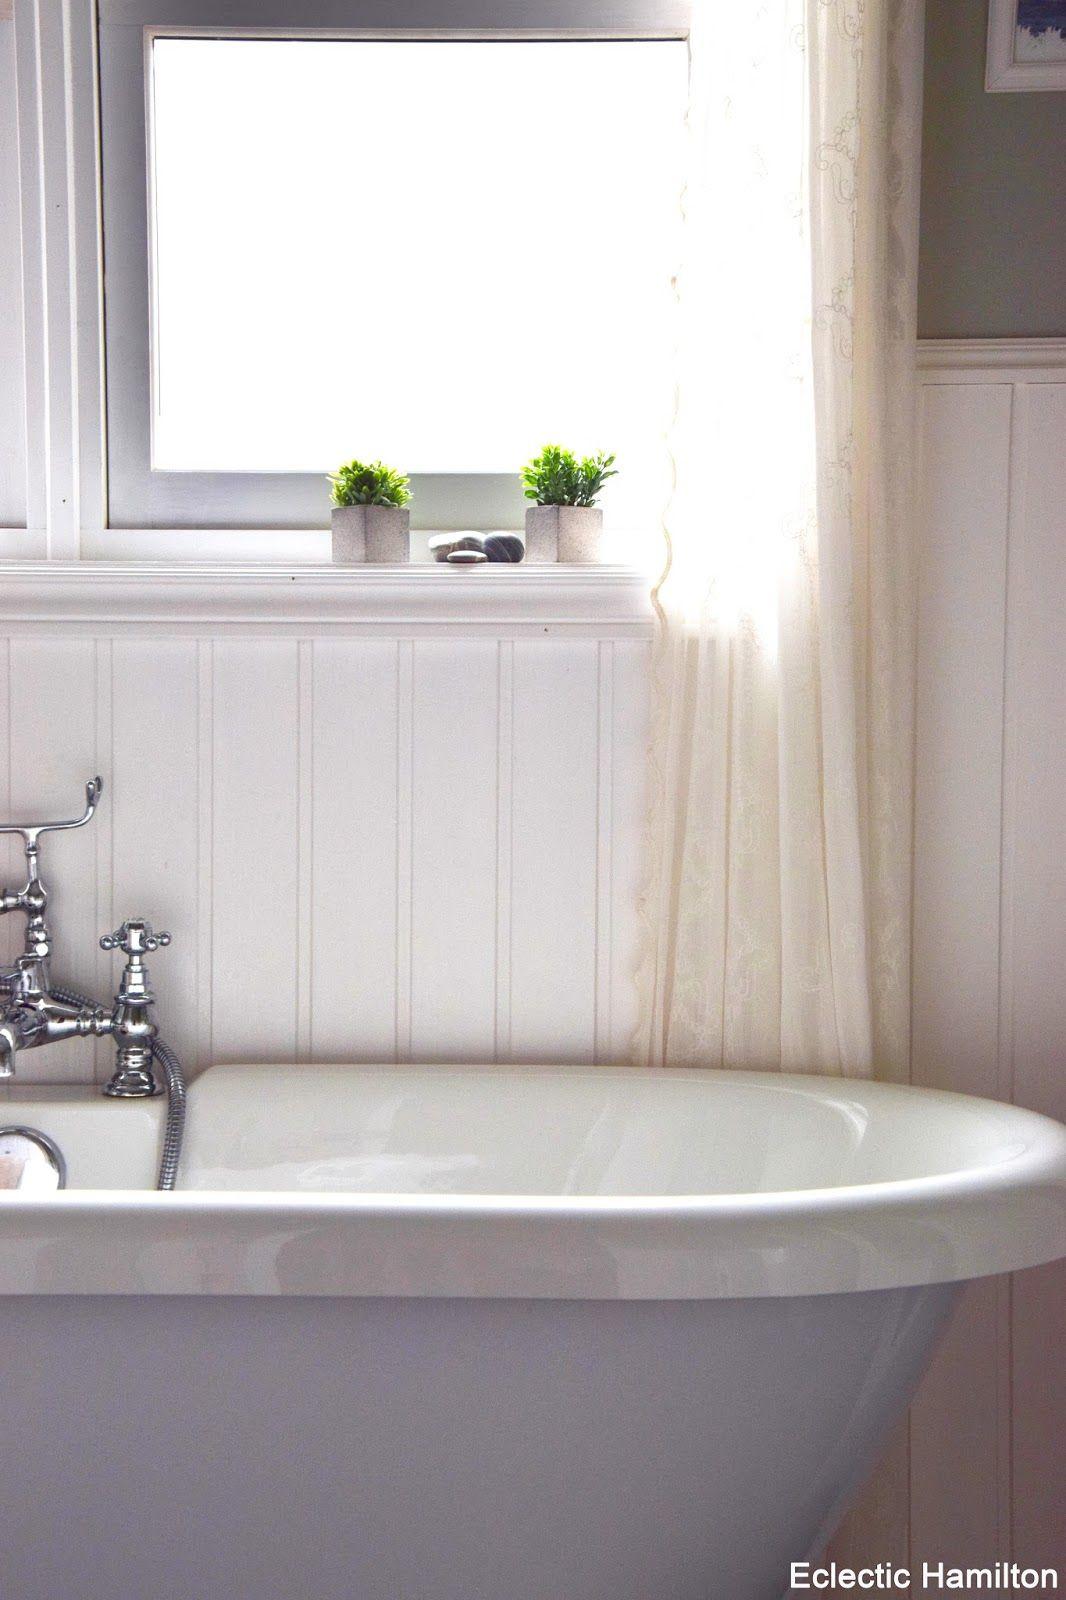 Pflanzen Fur Mein Badezimmer Und Einblicke Endlich Mal Wieder Badezimmer Ohne Fenster Dunkle Badezimmer Und Badezimmer